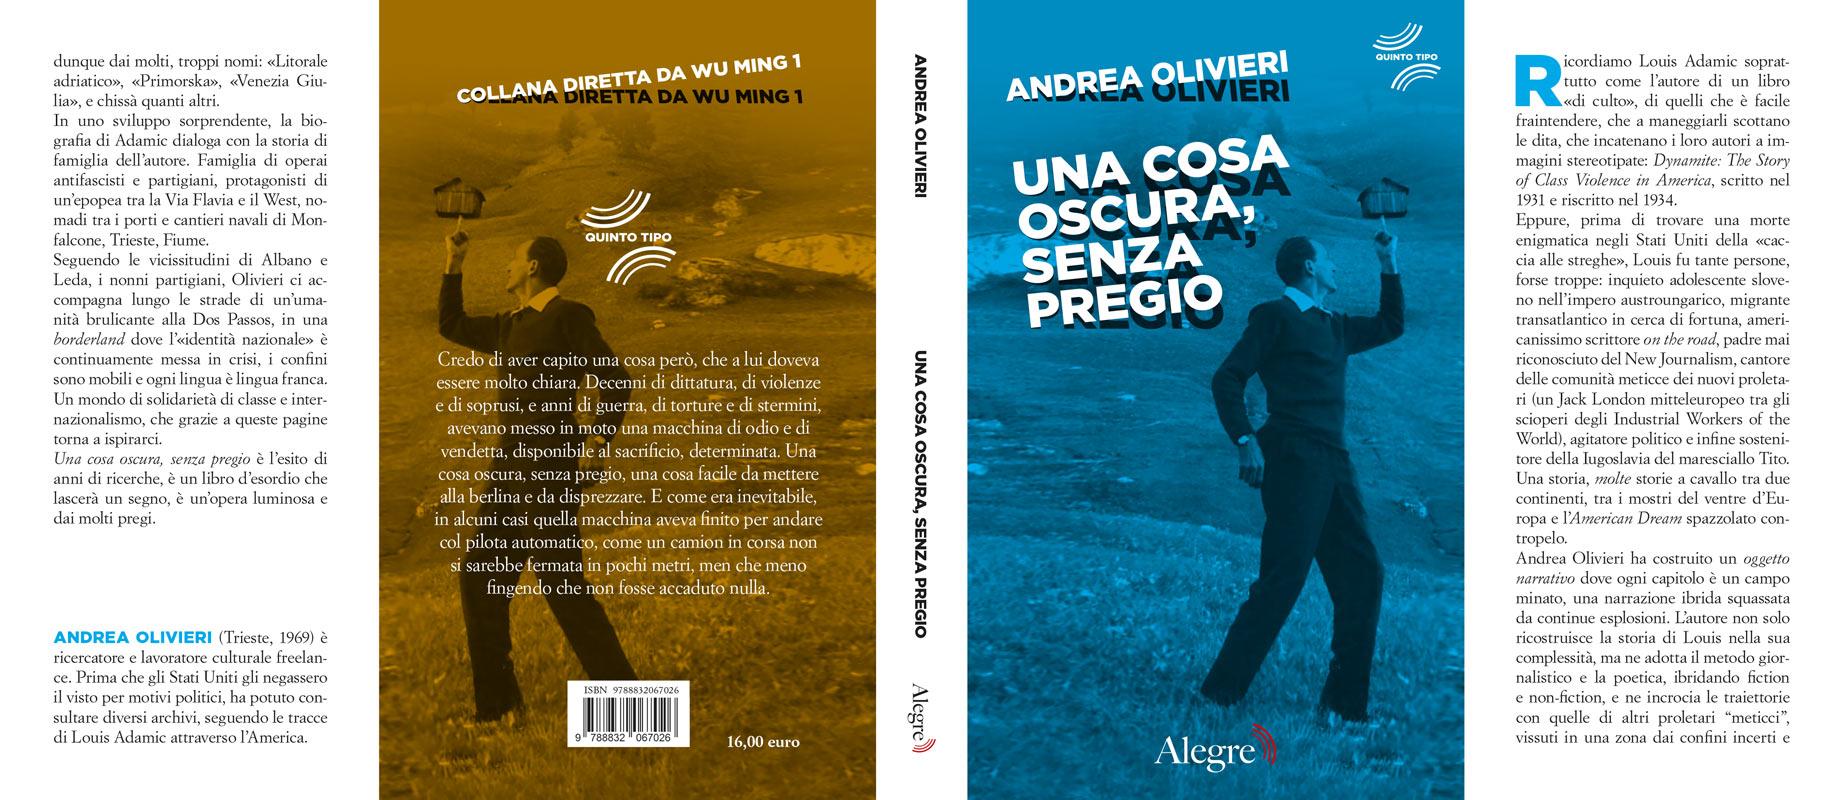 Andrea Olivieri, Una cosa oscura, senza pregio, stesa